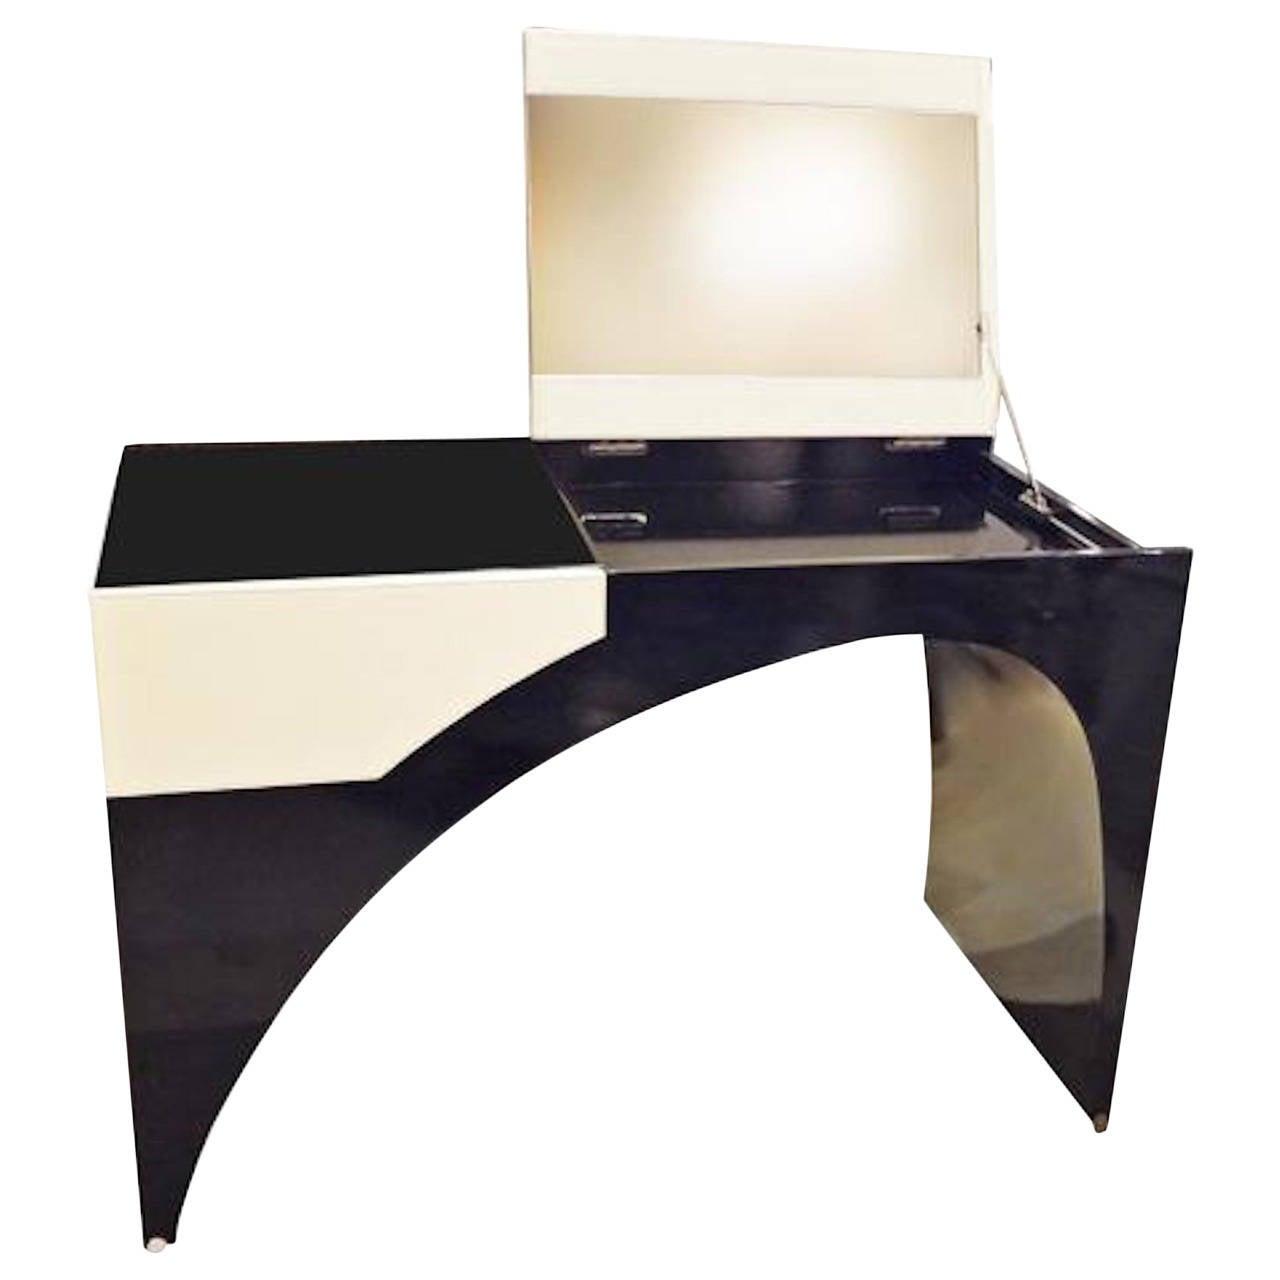 vanity or dressing table by marie christine dorner for hotel la villa at 1stdibs. Black Bedroom Furniture Sets. Home Design Ideas